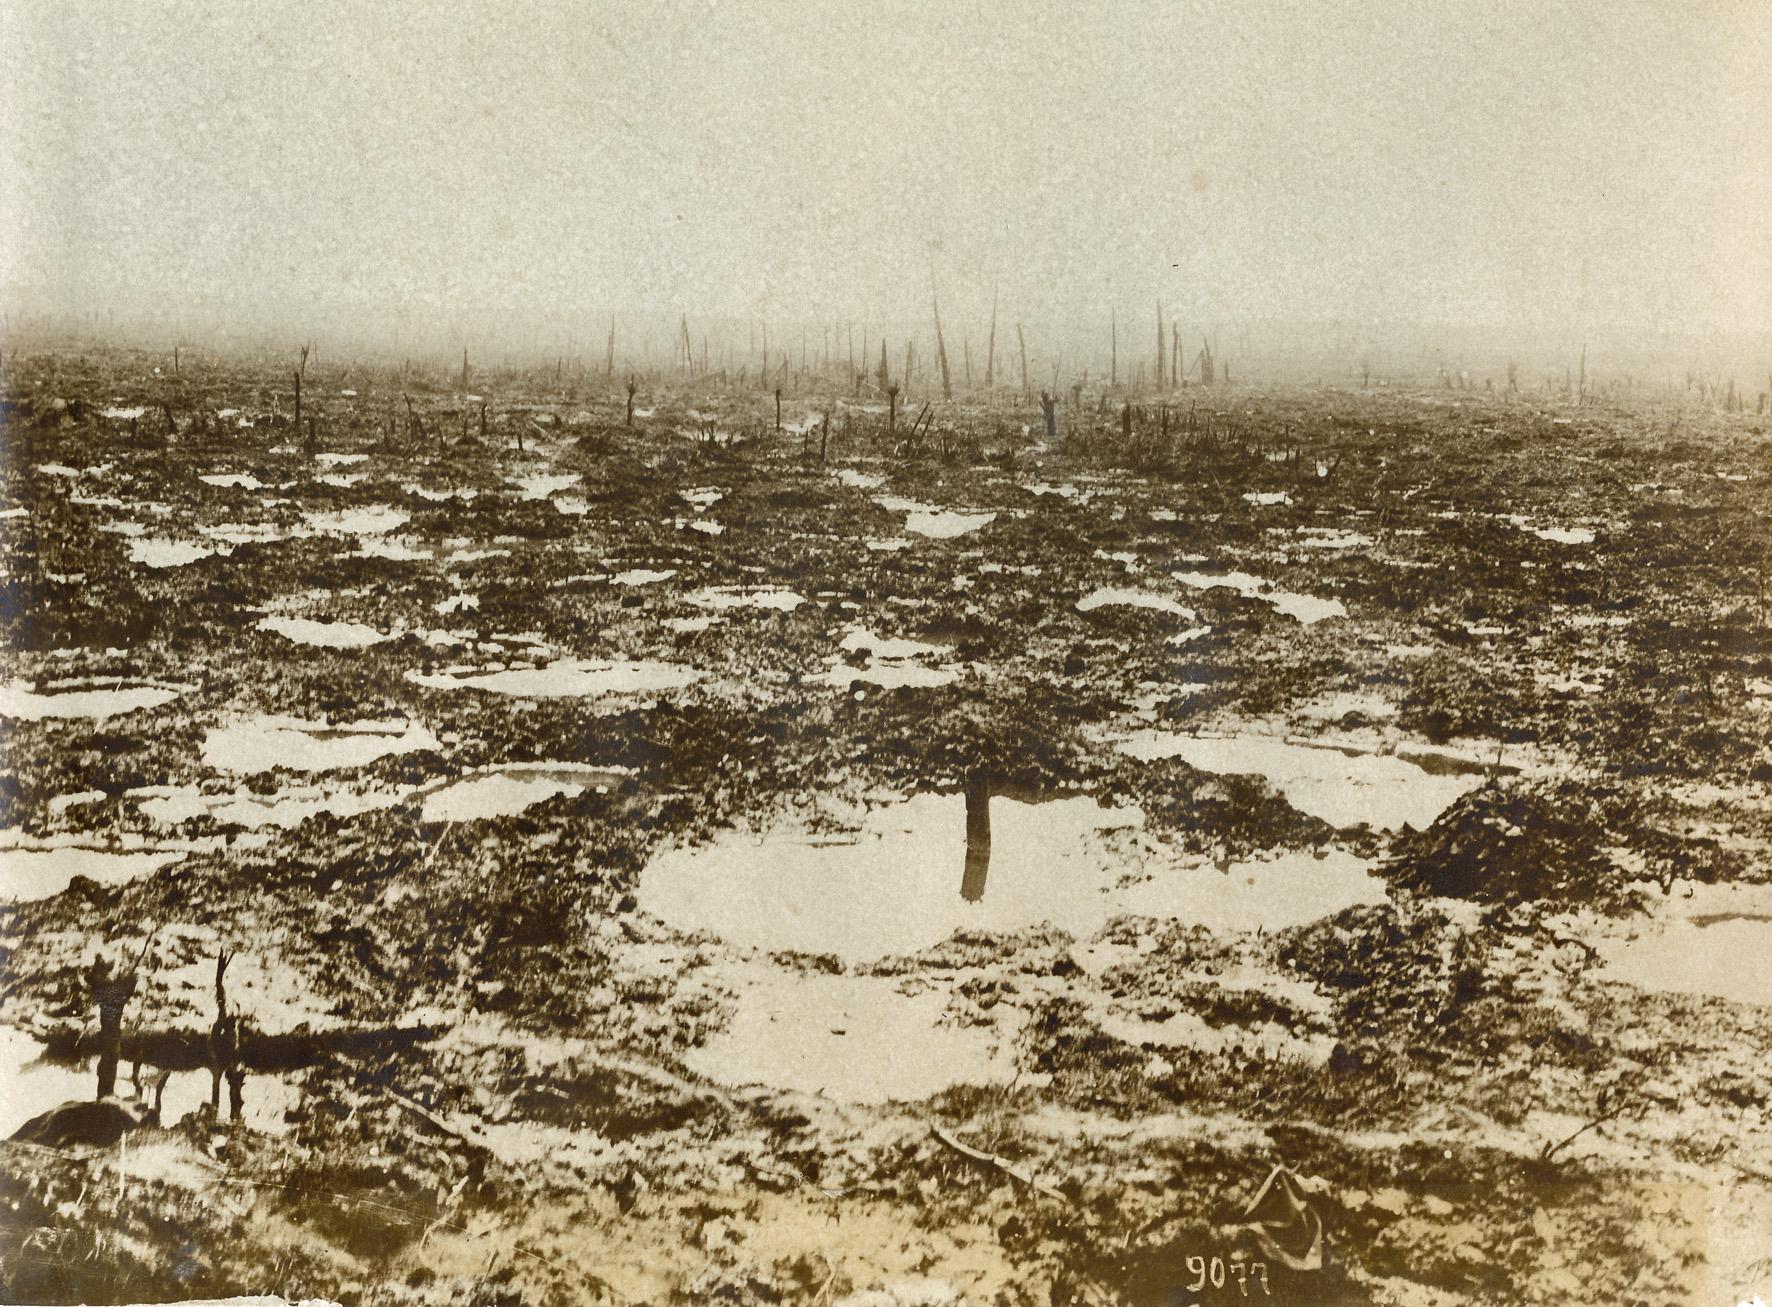 17. august 1917. Såret i ingenmandsland ved Ypres